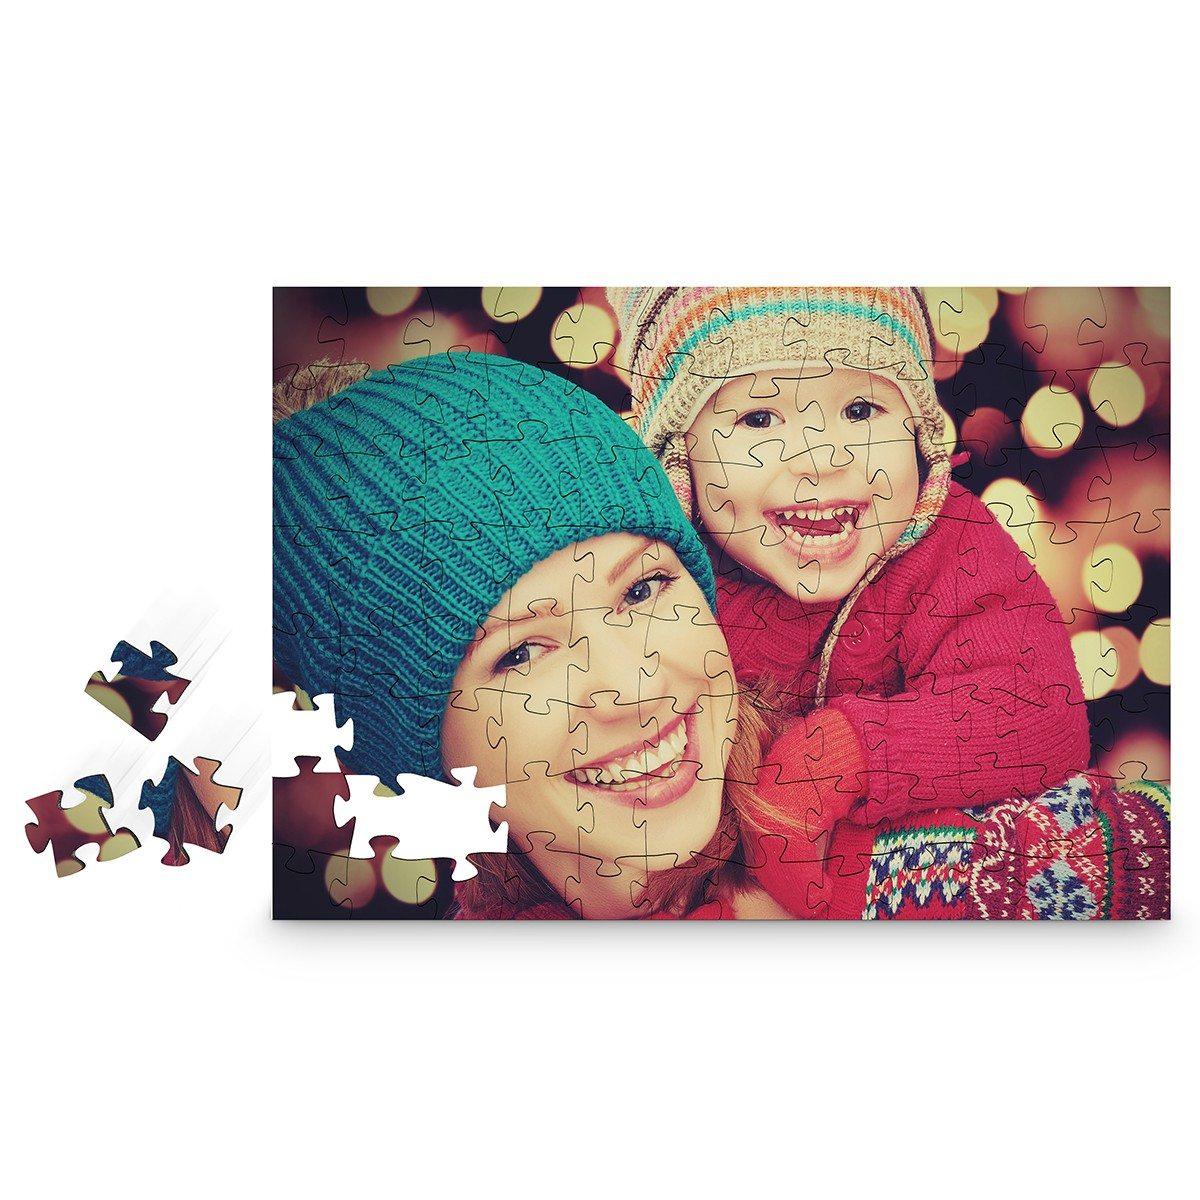 Houten puzzel met persoonlijke foto